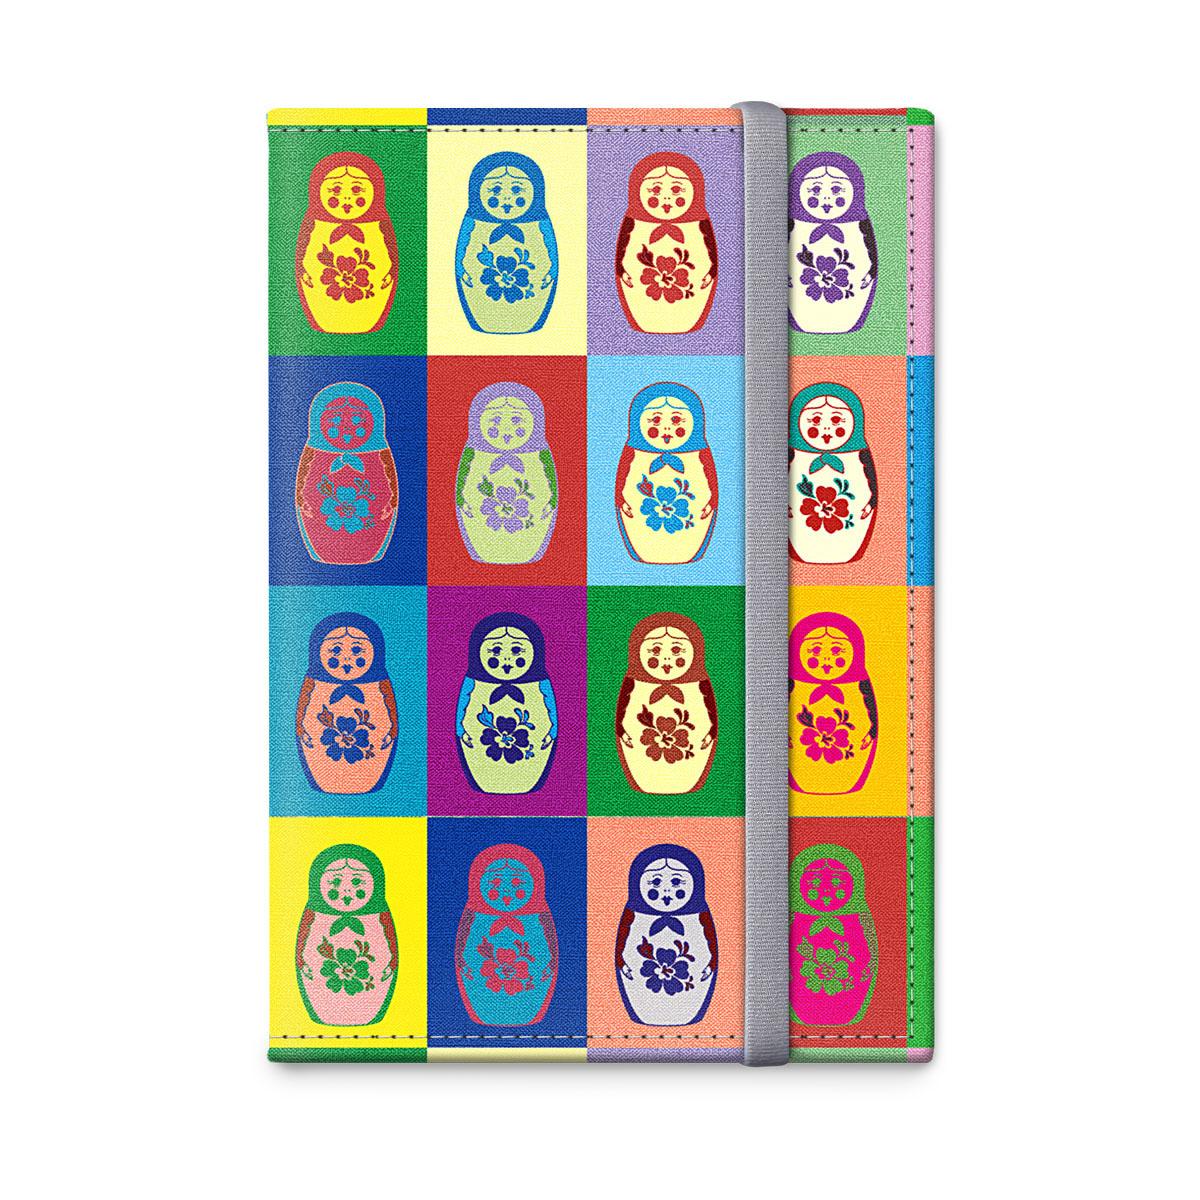 Обложка для паспорта оРЗ-дизайн Матрешки, цвет: красный, голубой. Орз-0323Орз-0323Обложка на паспорт текстильная с авторским принтом